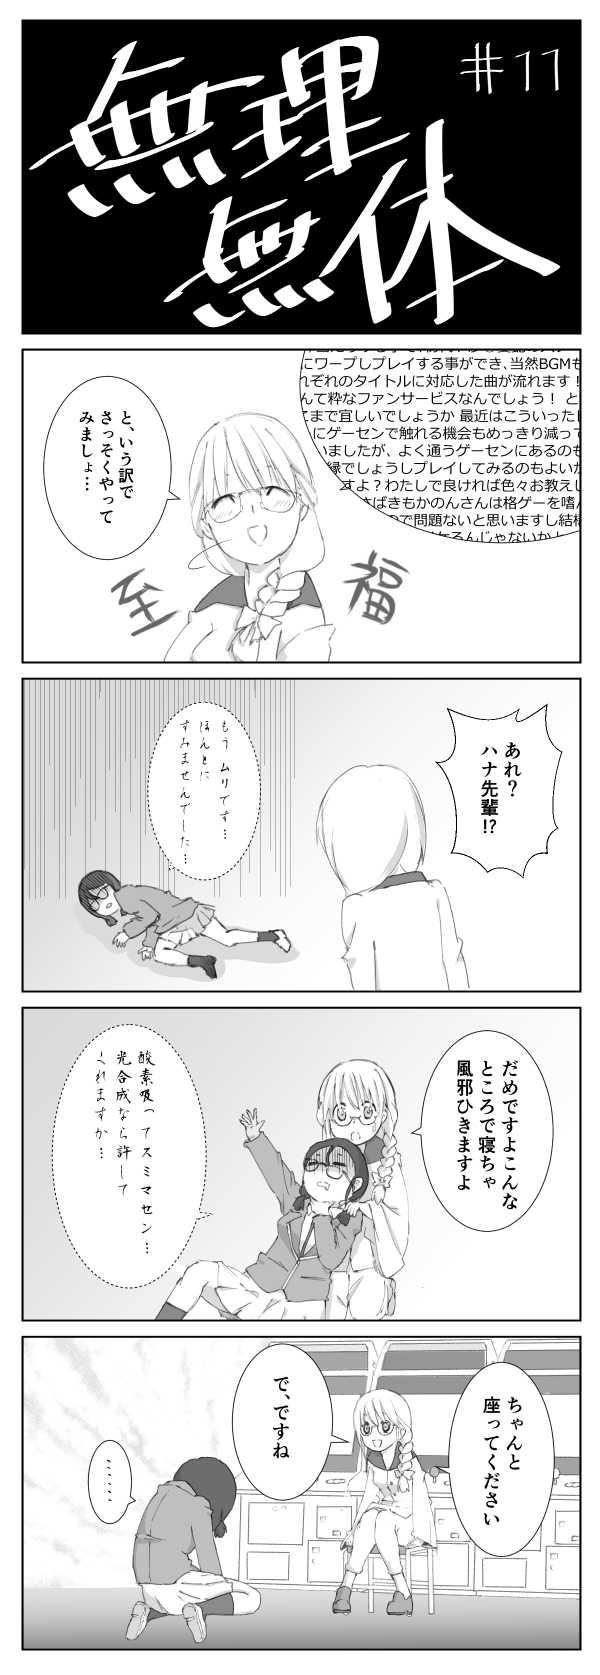 たゆたRom. 11本目「無理無体」